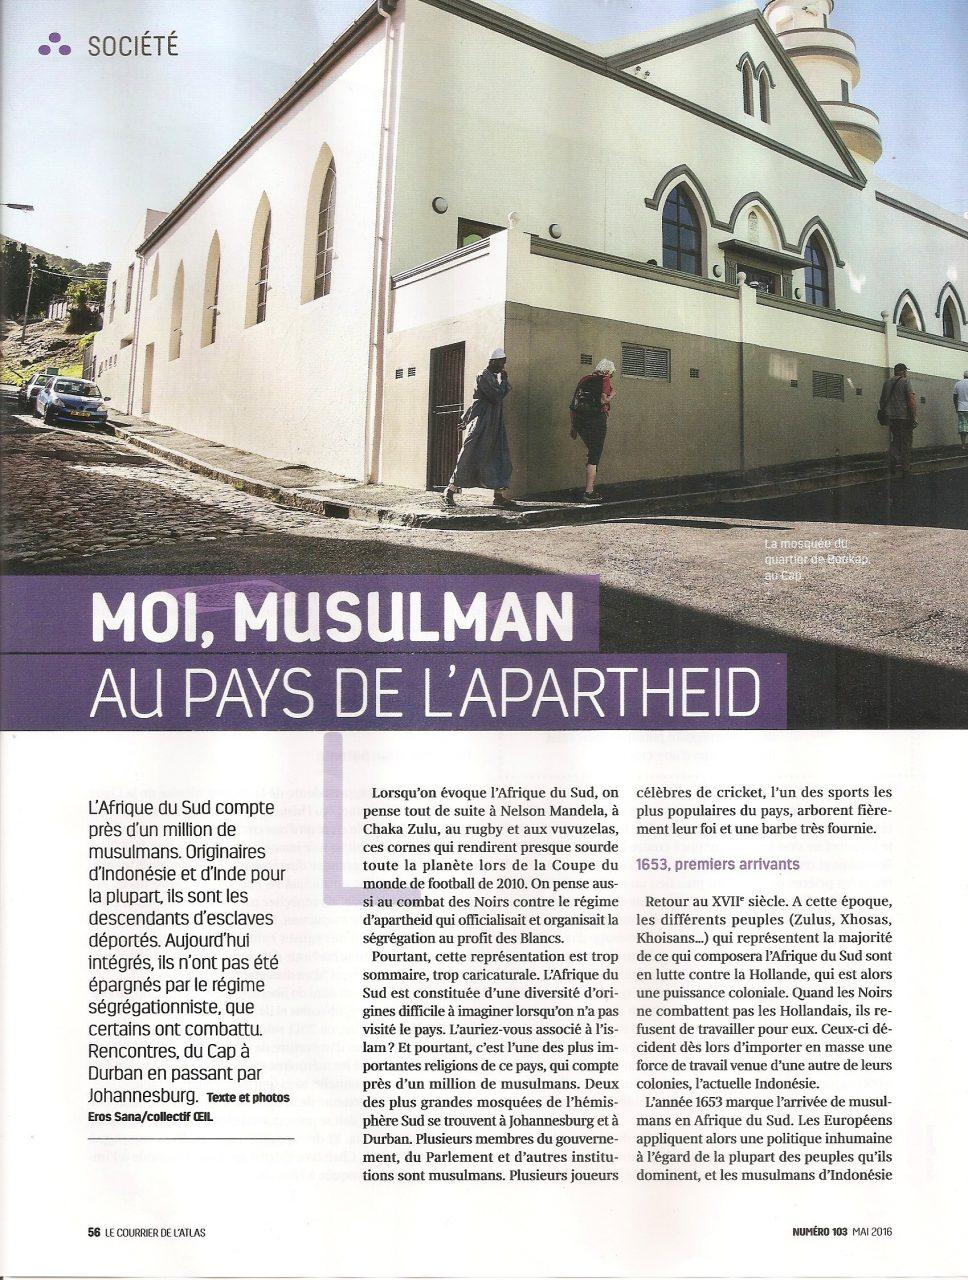 Moi, musulman au pays de l'apartheid